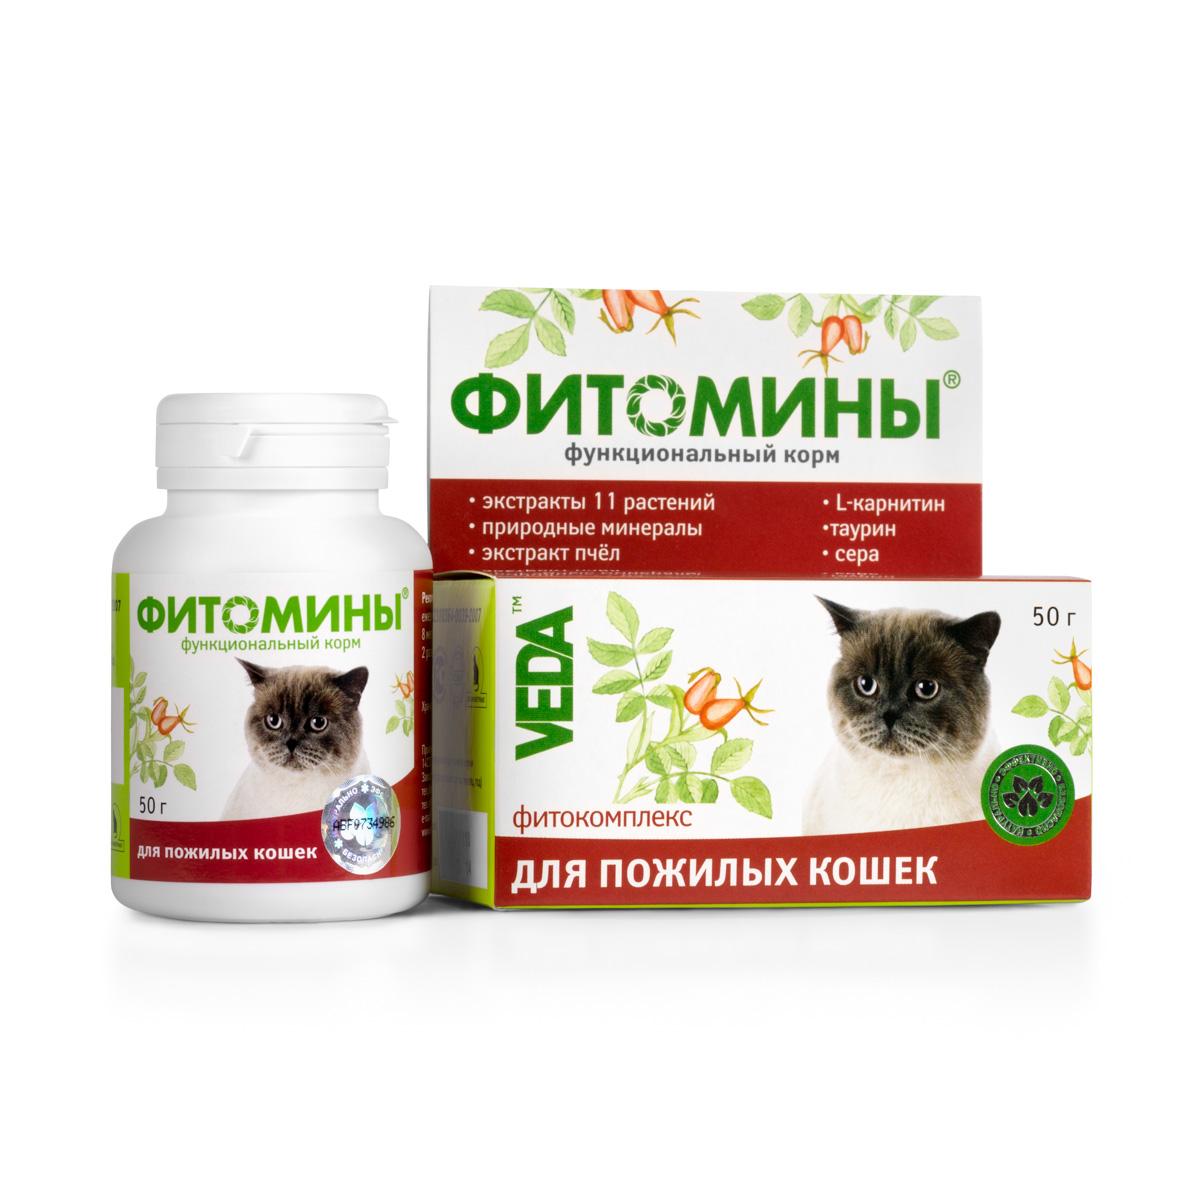 Корм VEDA Фитомины для пожилых кошек, функциональный, 50 г0120710Корм функциональный VEDA Фитомины для пожилых кошек улучшает общее состояние системы кровообращения.Рекомендуется включать в рацион:- животным с нарушениями функциями сердечно-сосудистой системы, периферического, мозгового и коронарного кровообращения, - пожилым животным для повышения устойчивости к сердечно-сосудистым заболеваниям.Состав: лактоза; крахмал; дрожжи пивные; фитокомплекс: травы мелиссы лекарственной, плодов боярышника, травы пустырника сердечного, корневищ с корнями валерьяны, травы донника, листьев мяты перечной, травы котовника, травы тысячелистника, травы горца птичьего, травы сушеницы болотной, травы буквицы; природный минеральный комплекс; паровая рыбная мука; гидролизат коллагена; L-карнитин; экстракт пчел; таурин; сера; стеарат кальция.В 100 г продукта содержится (не менее): углеводы - 92 г; жиры - 0,1 г; белки – 2 г; кальций 600 мг; фосфор 360 мг; железо 15 мг; цинк 4 мг; марганец 0,1 мг; медь 0,3 мг; L-карнитин 0,5 г; таурин 0,2 г; сера 0,1 г.Энергетическая ценность в 100 г: 380 ккал.Товар сертифицирован.